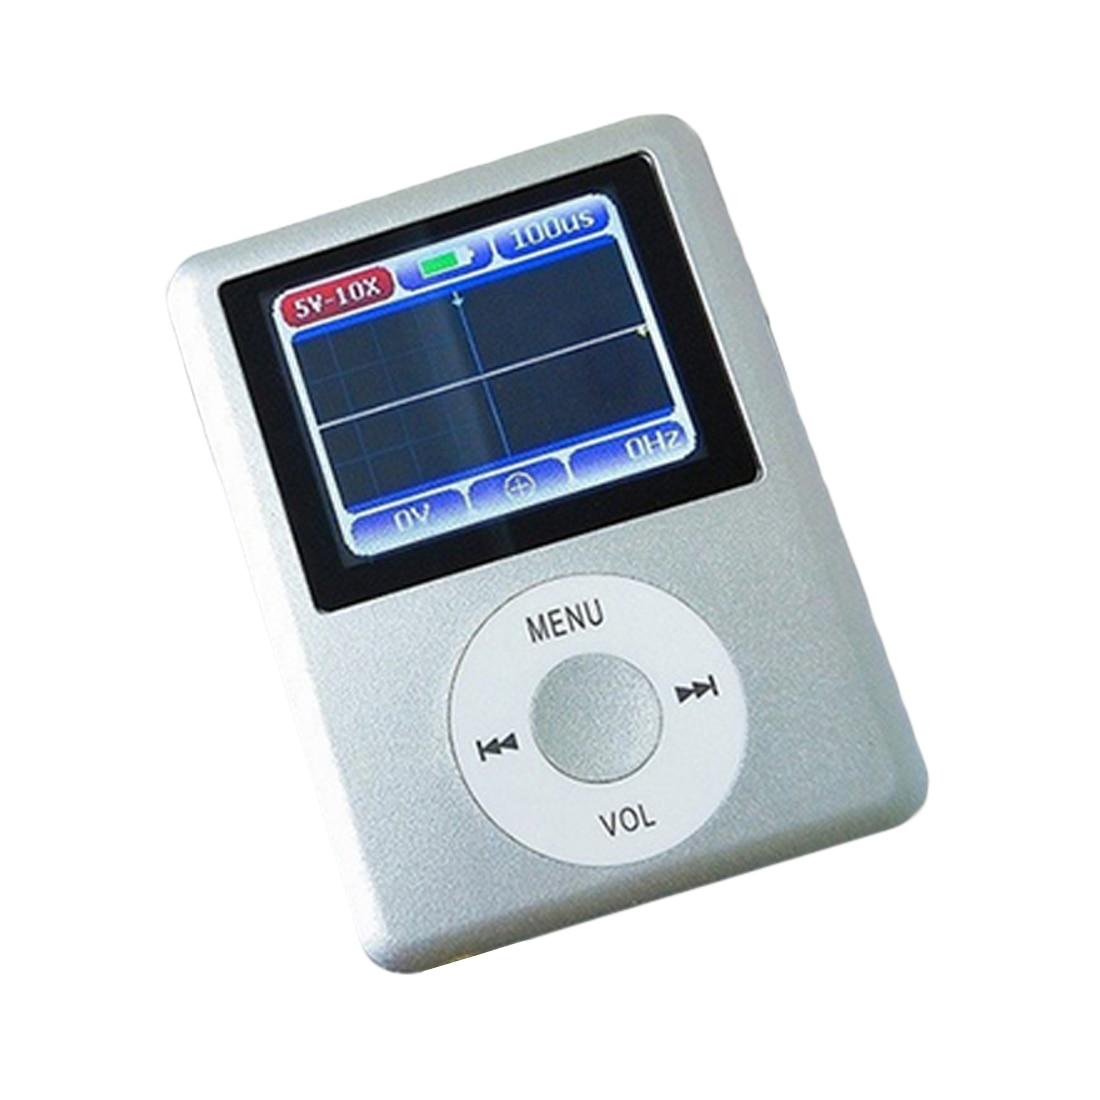 20 м пропускная способность 100 м Частота дискретизации карманный мини Портативный ультра-Маленький цифровой осциллограф DSO168